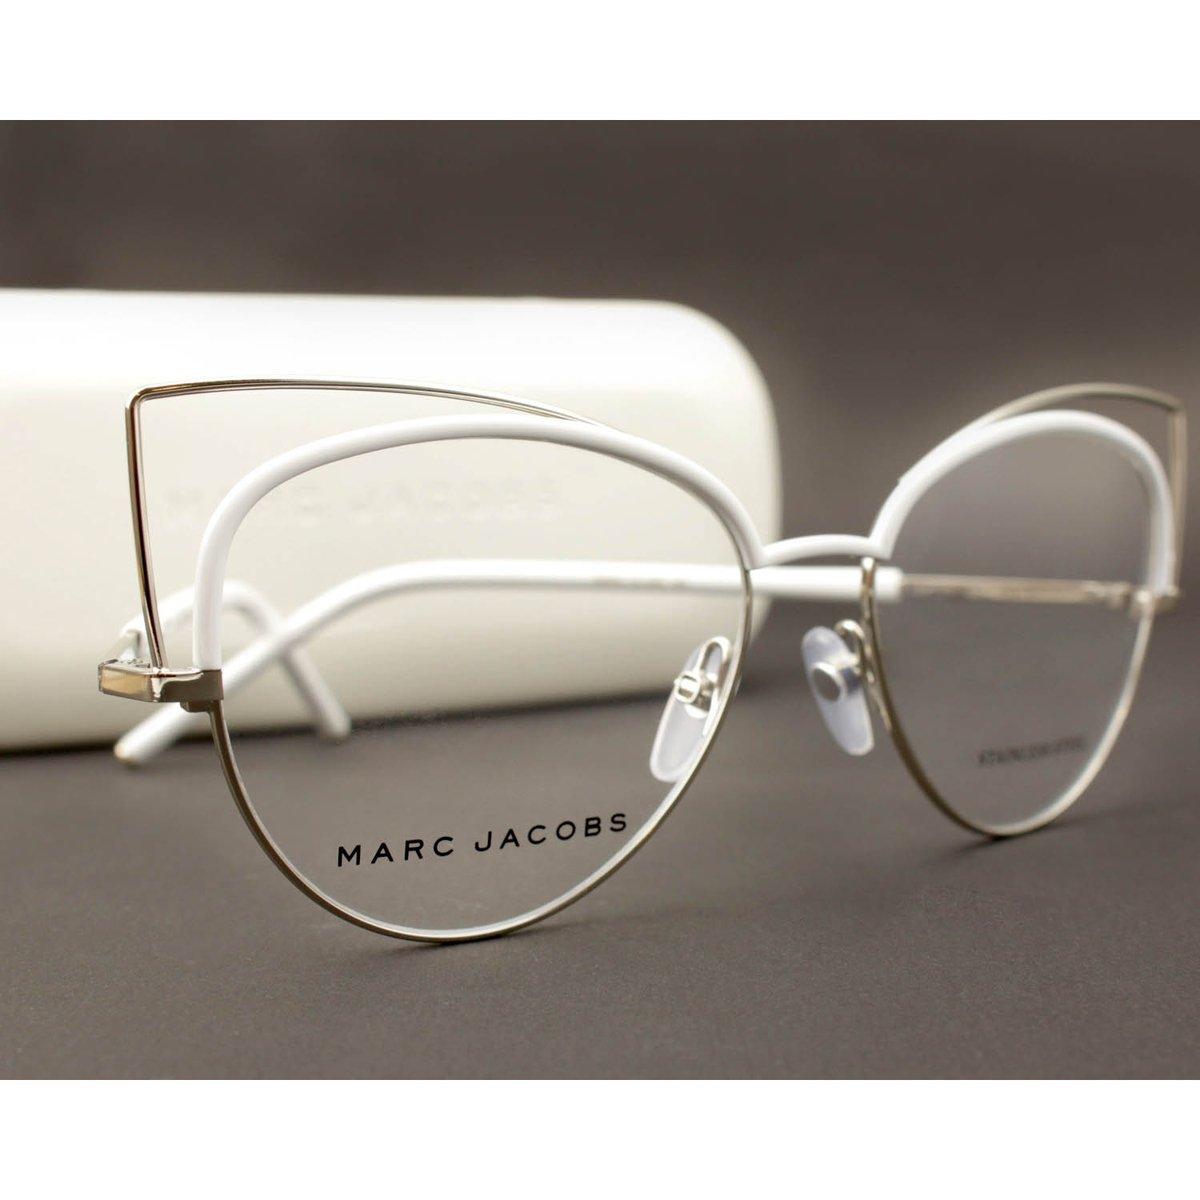 67f251f1c33f8 Armação Óculos de Grau Marc Jacobs MARC12 U05-53 - Compre Agora   Zattini